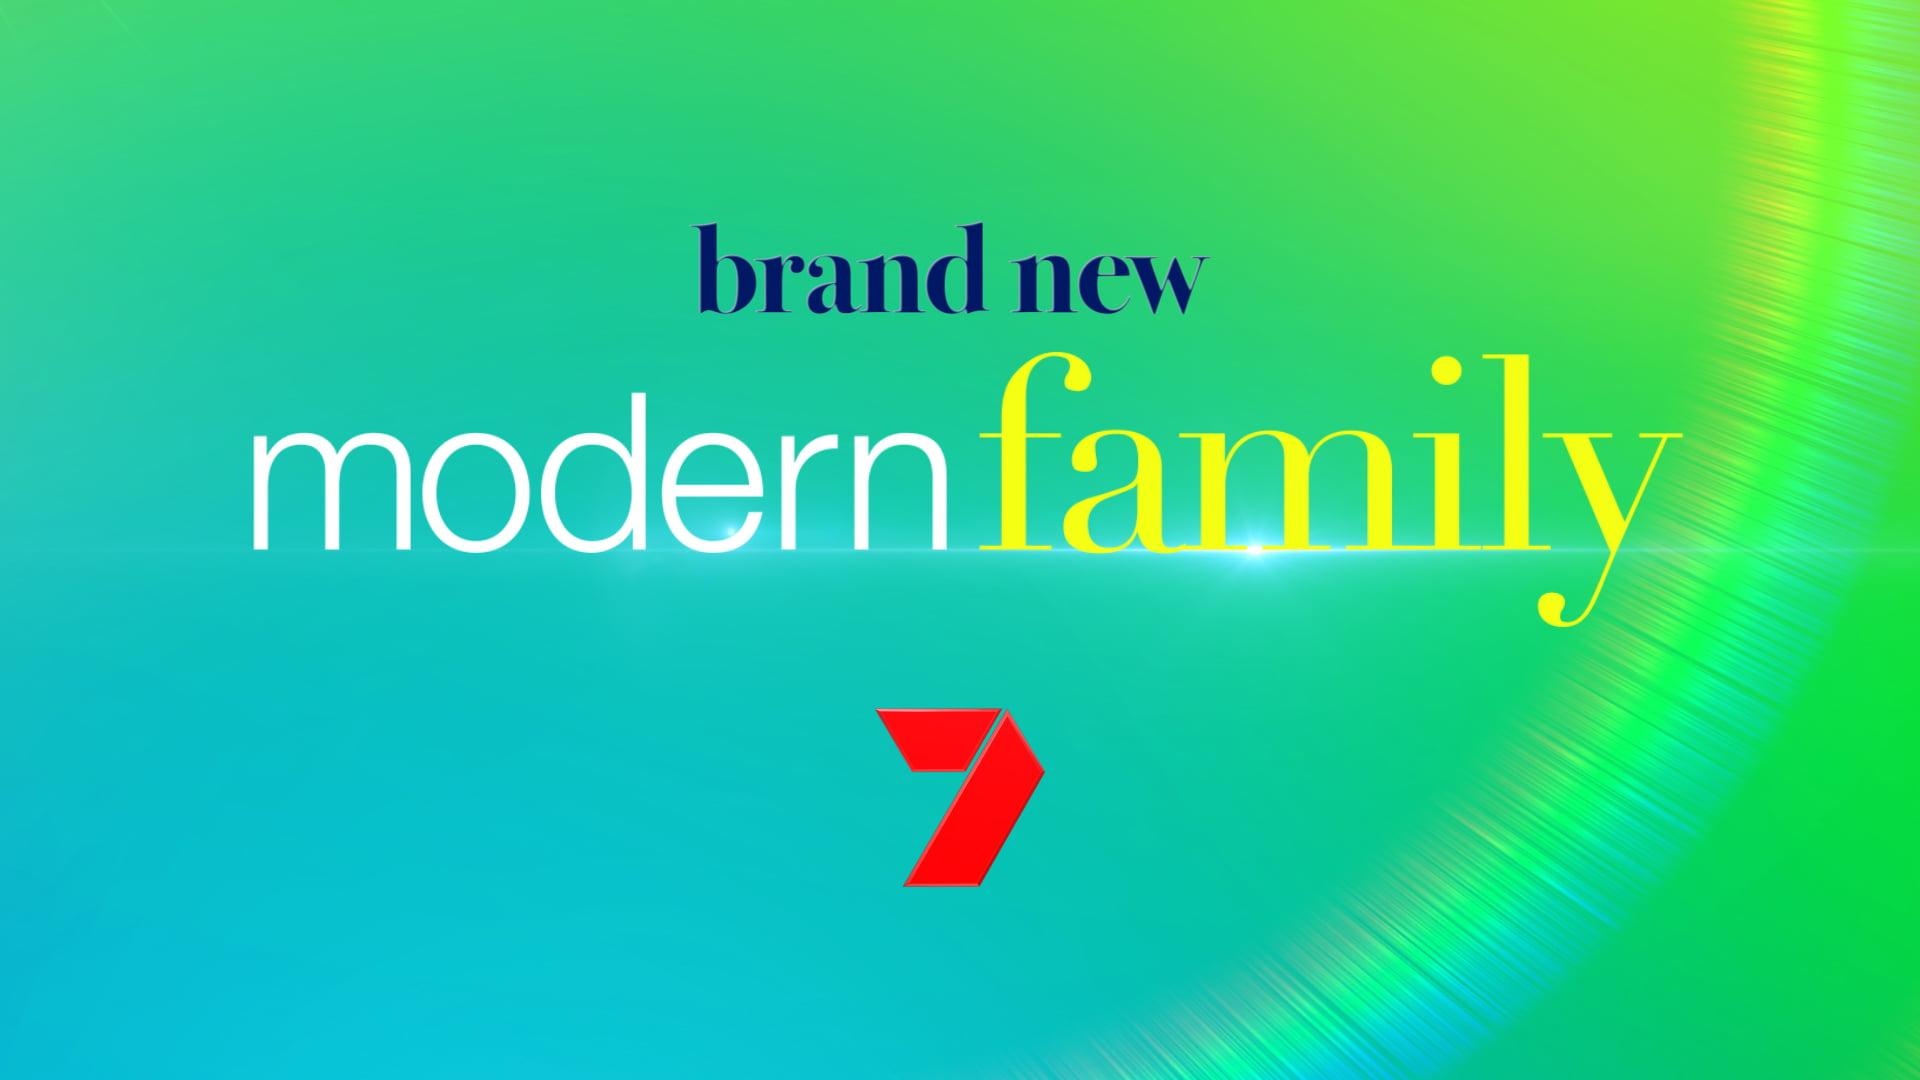 Modern Family returns to 7